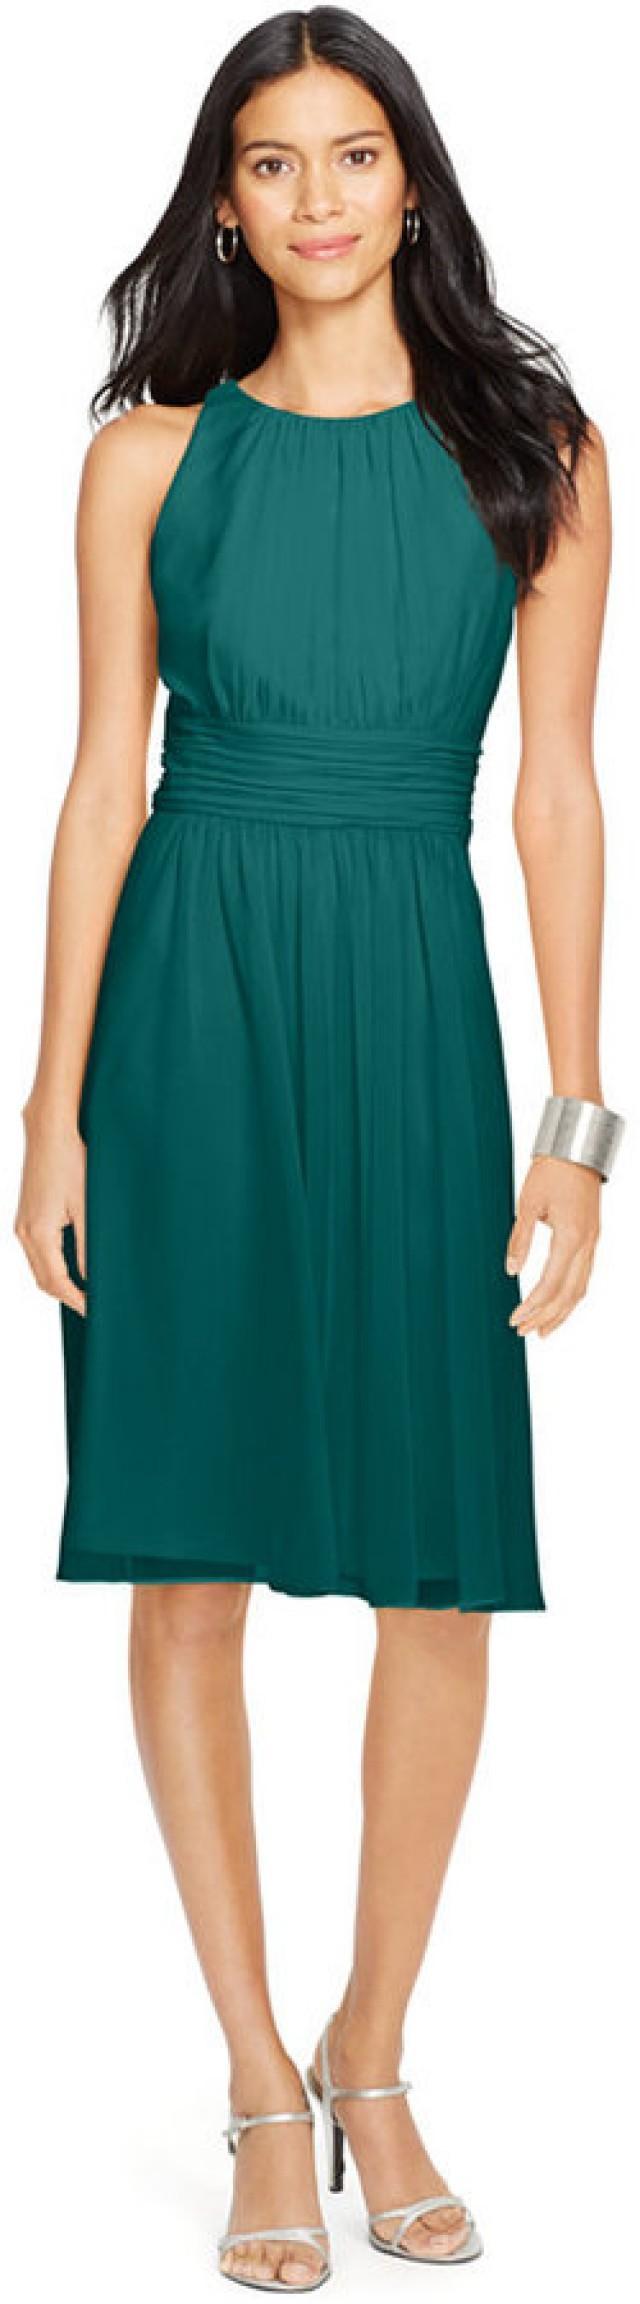 c4b91a50b9231 Lauren Ralph Lauren Ruched Sleeveless Dress  2510076 - Weddbook